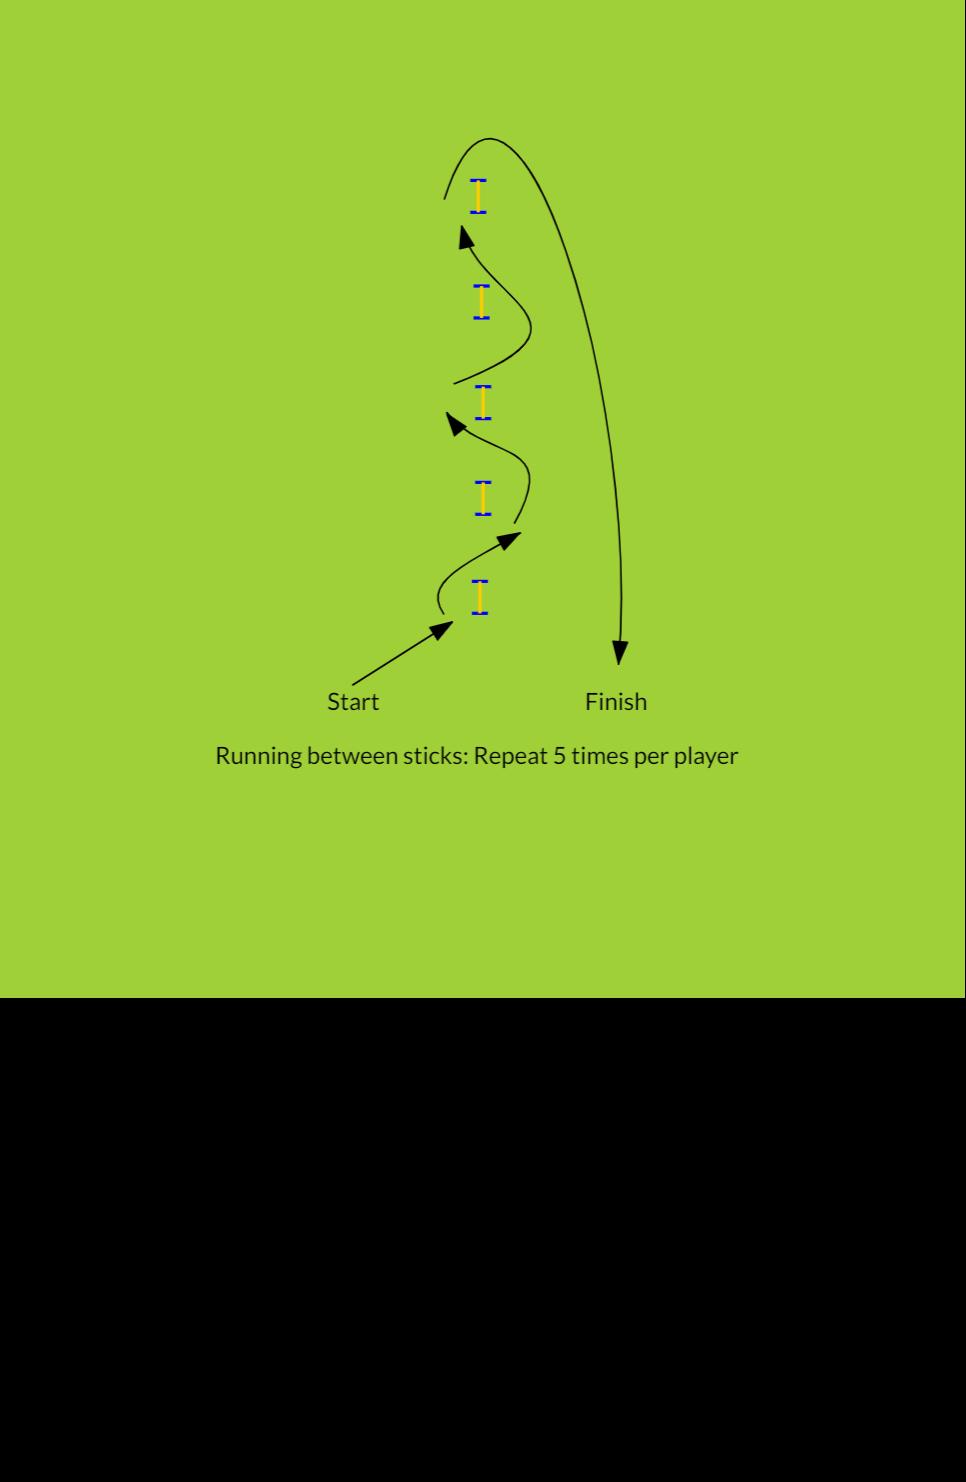 Drill 3- Running around sticksRugby Drills Coaching